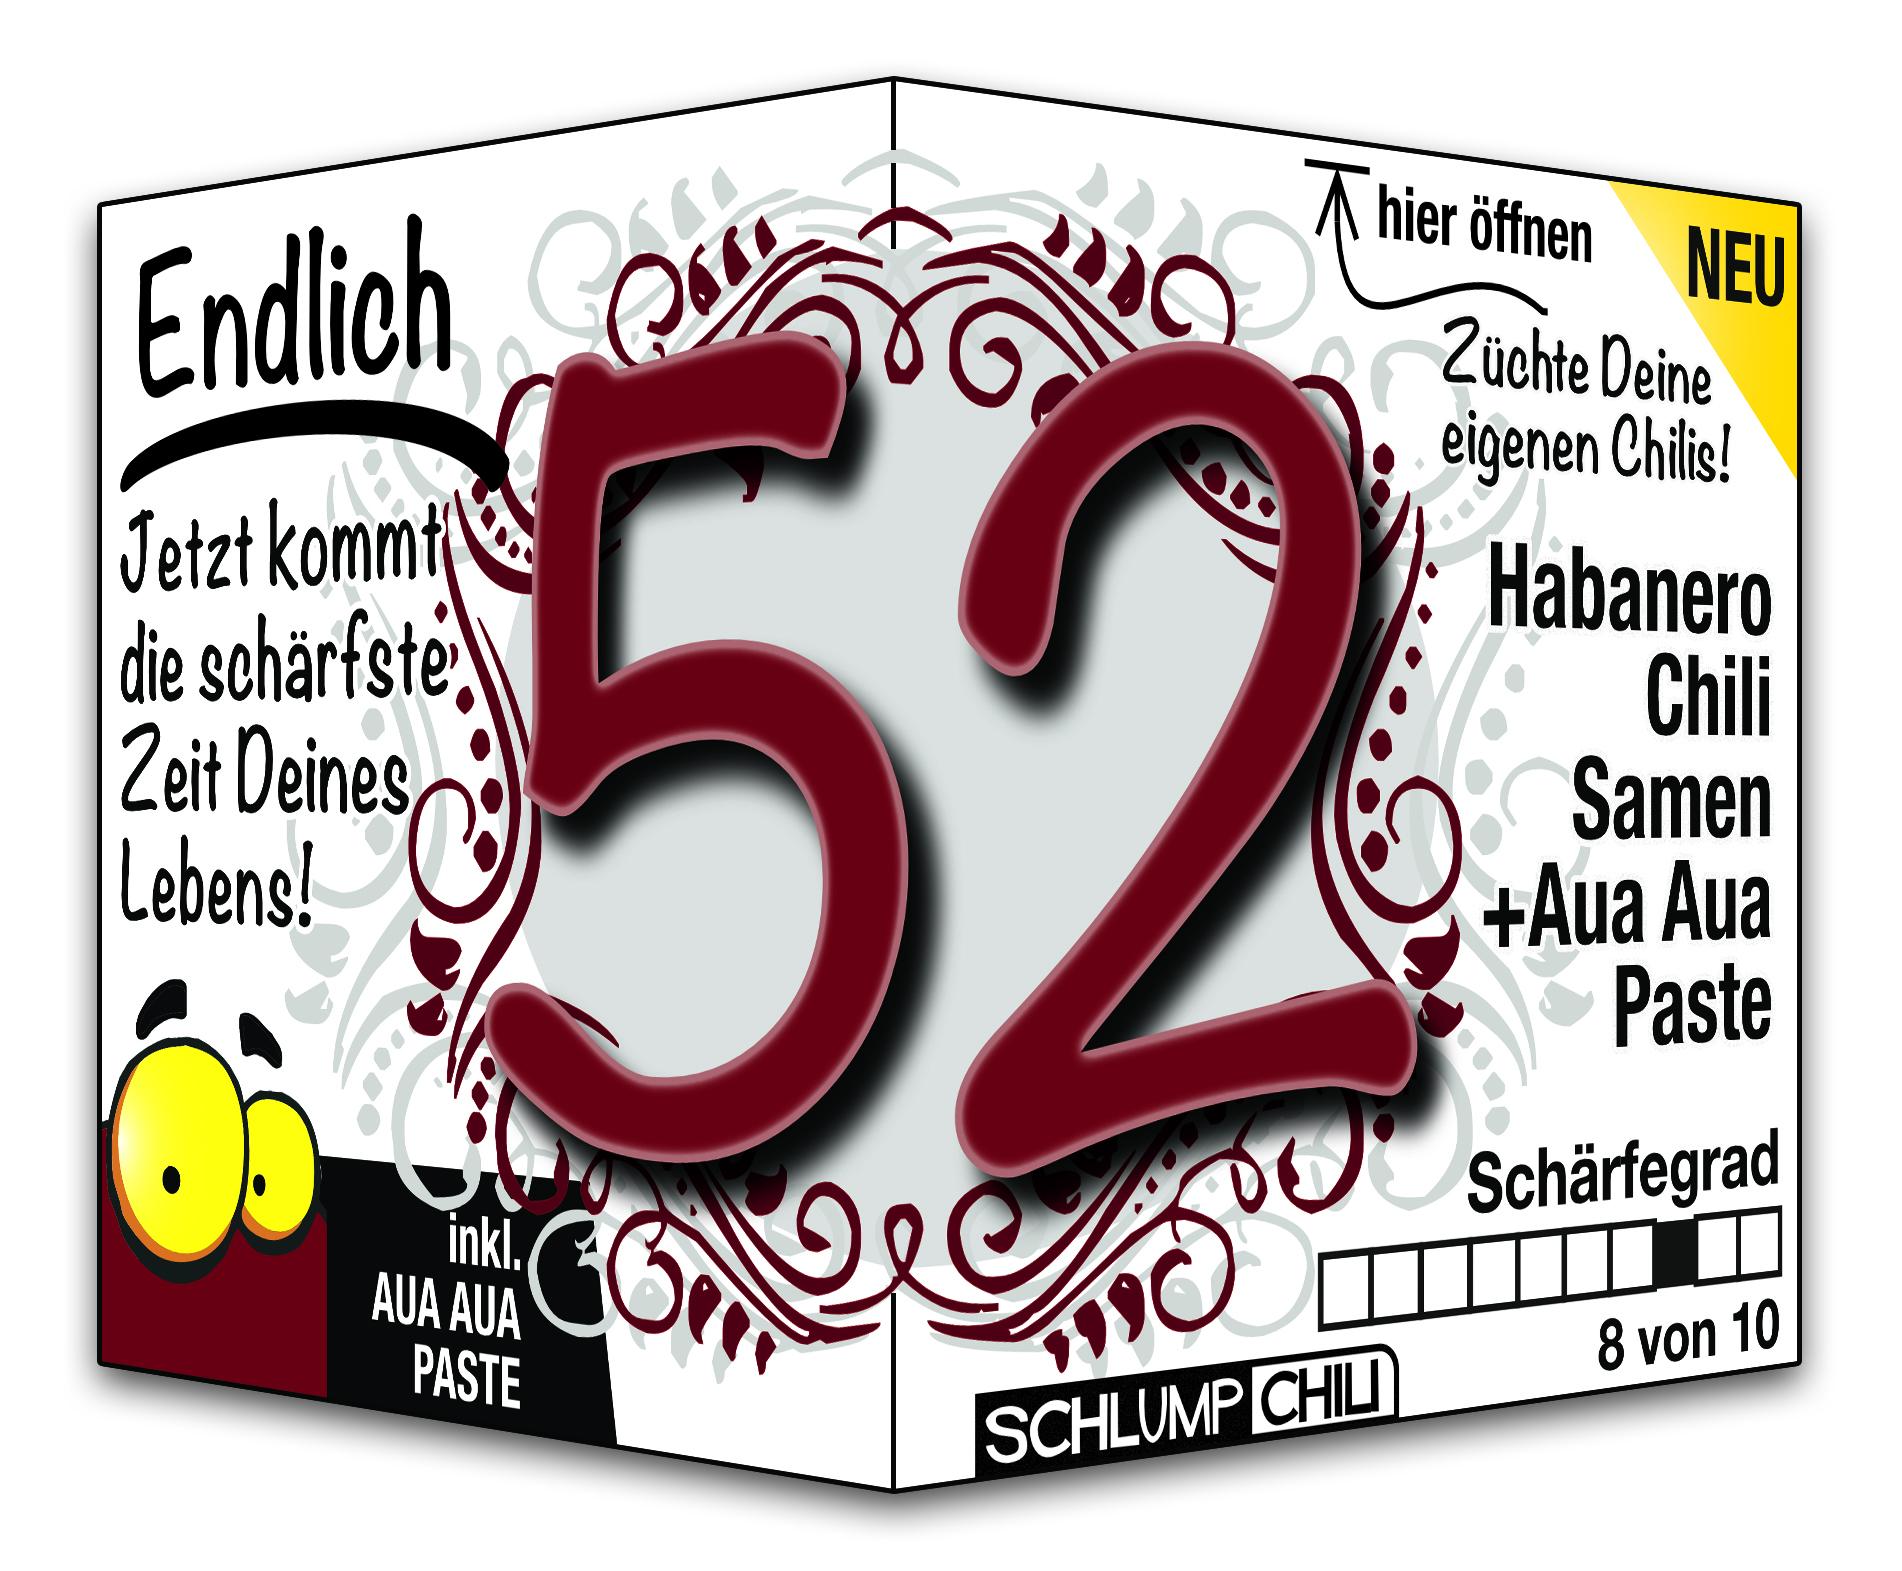 Geburtstagswunsche zum 52 geburtstag - Herzlichen